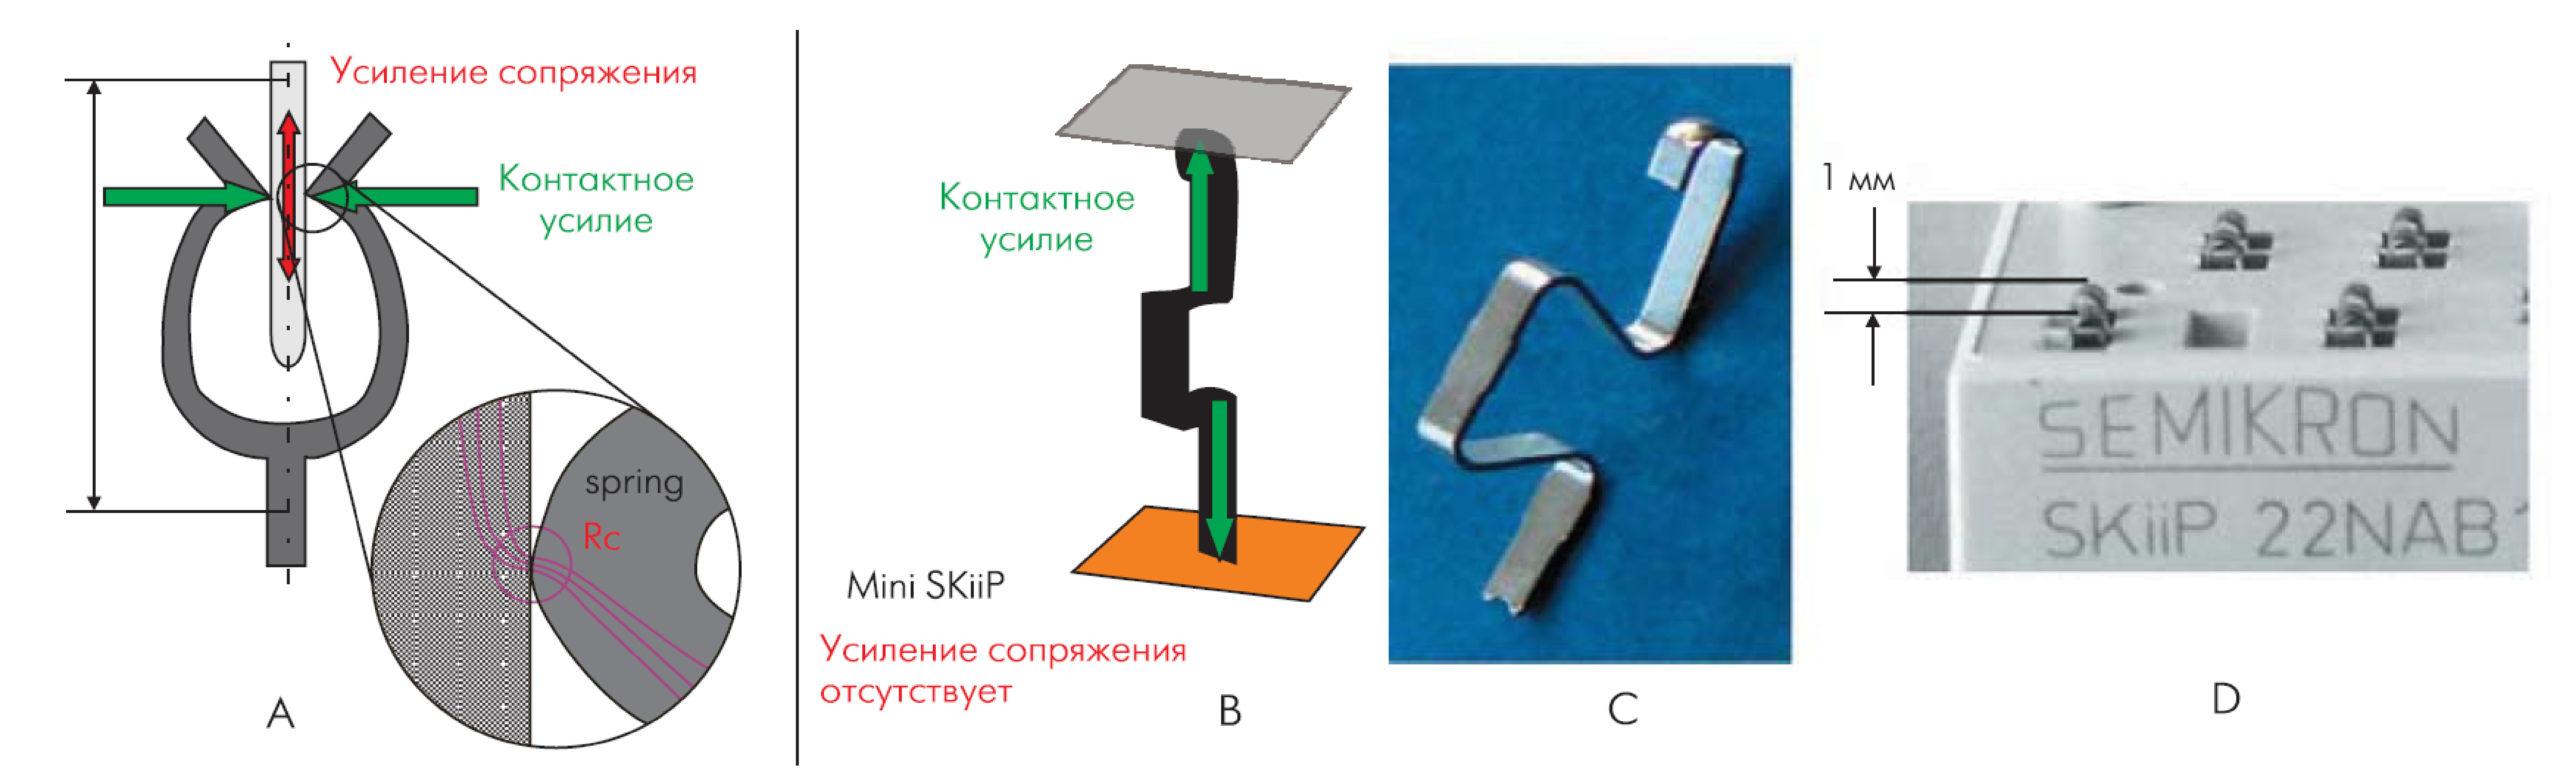 Распределение усилия сопряжения у контактов традиционной конструкции